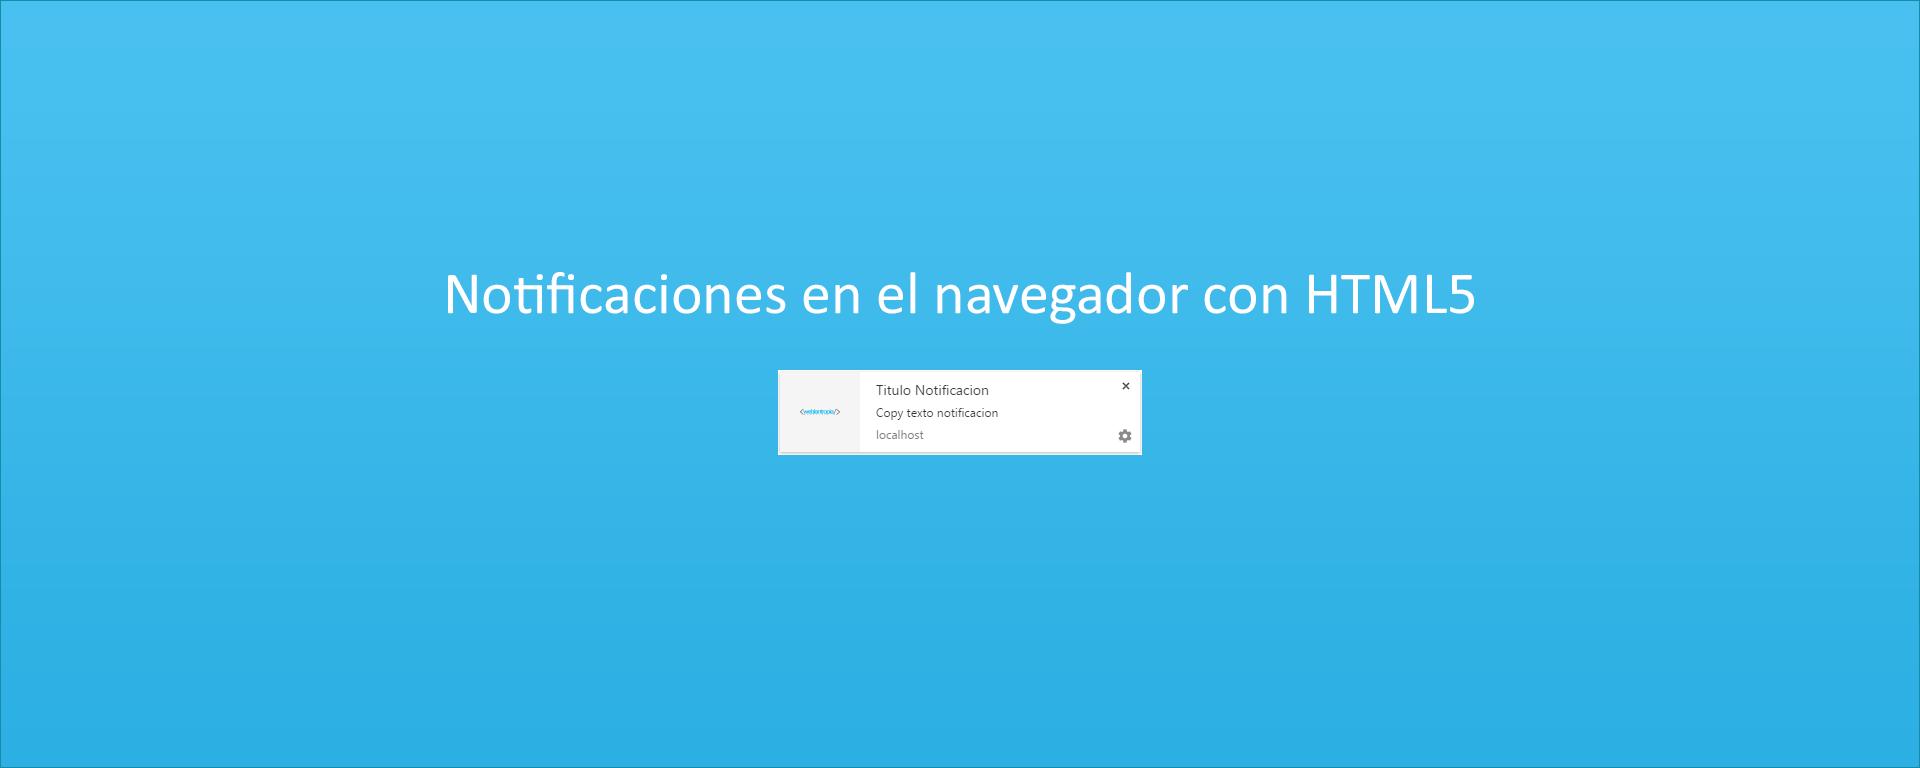 Notificaciones en el navegador con HTML5 y Javascript